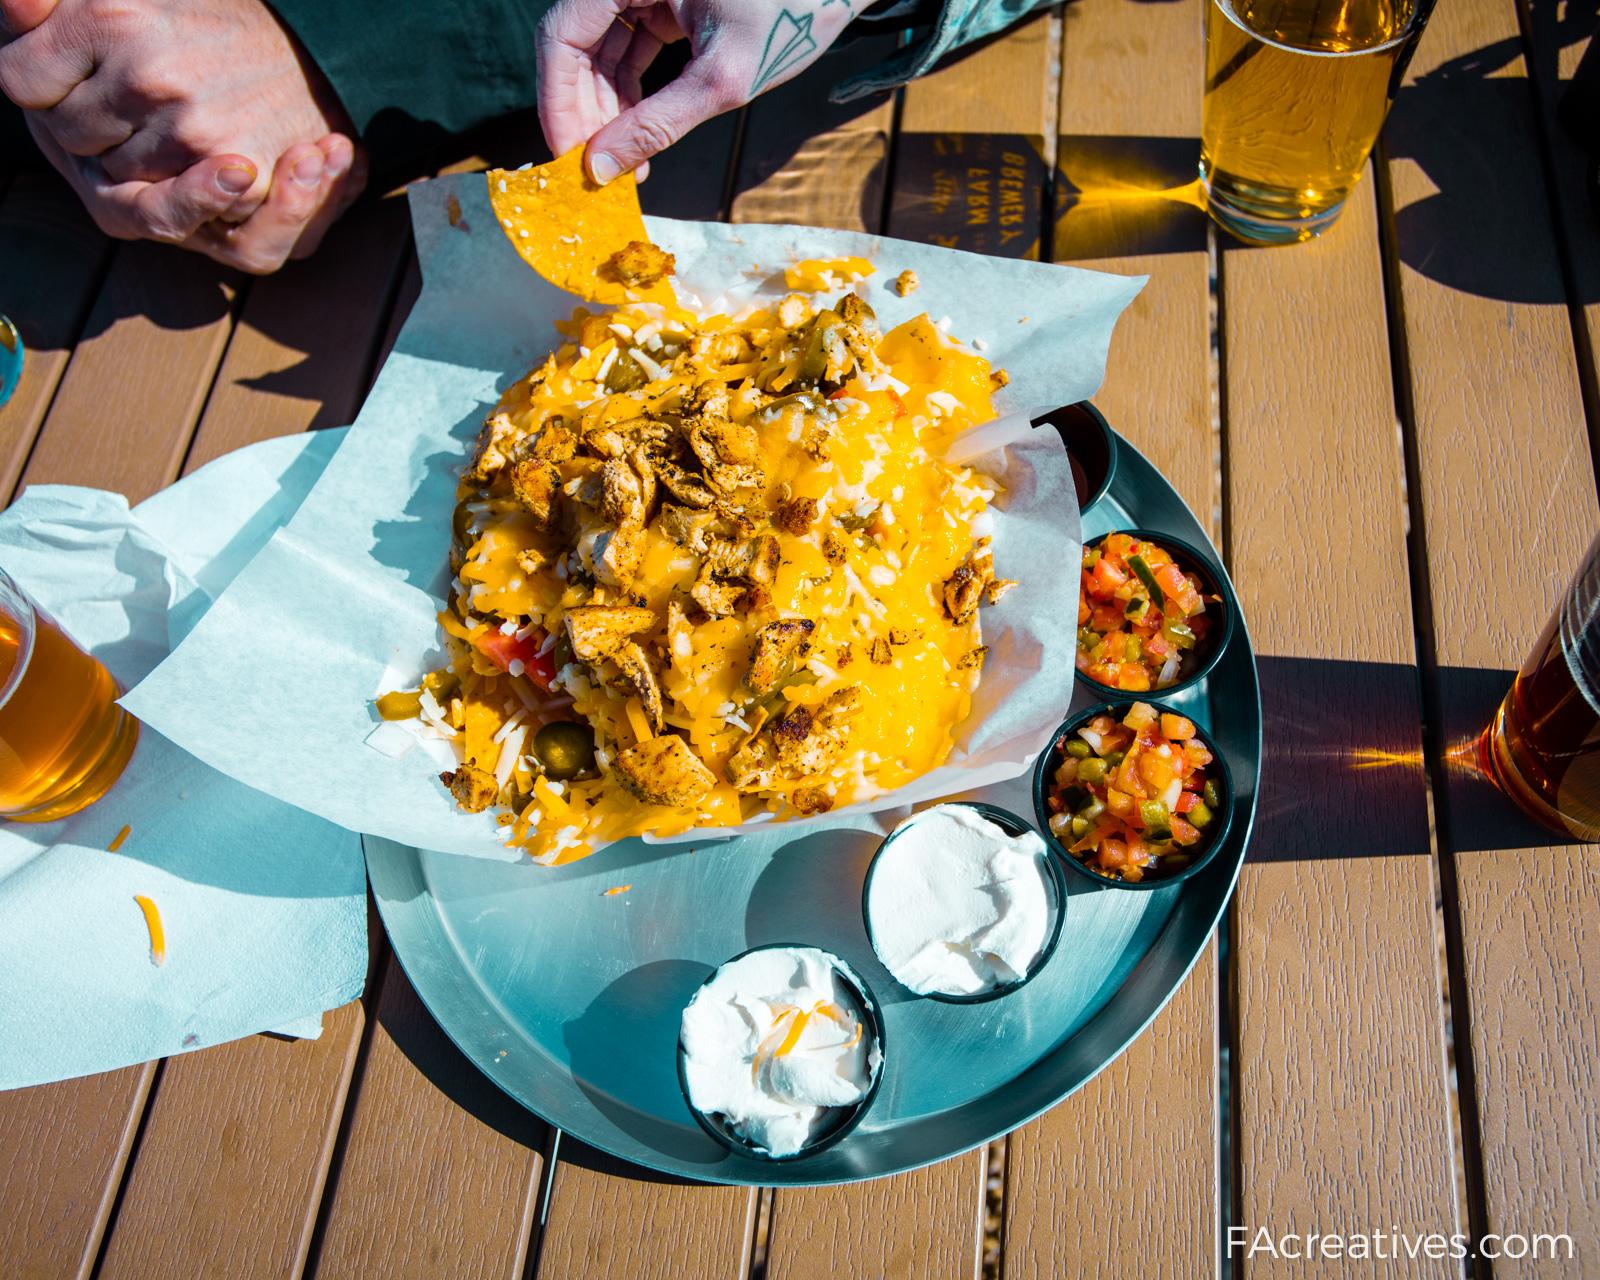 Their nachos were no joke.